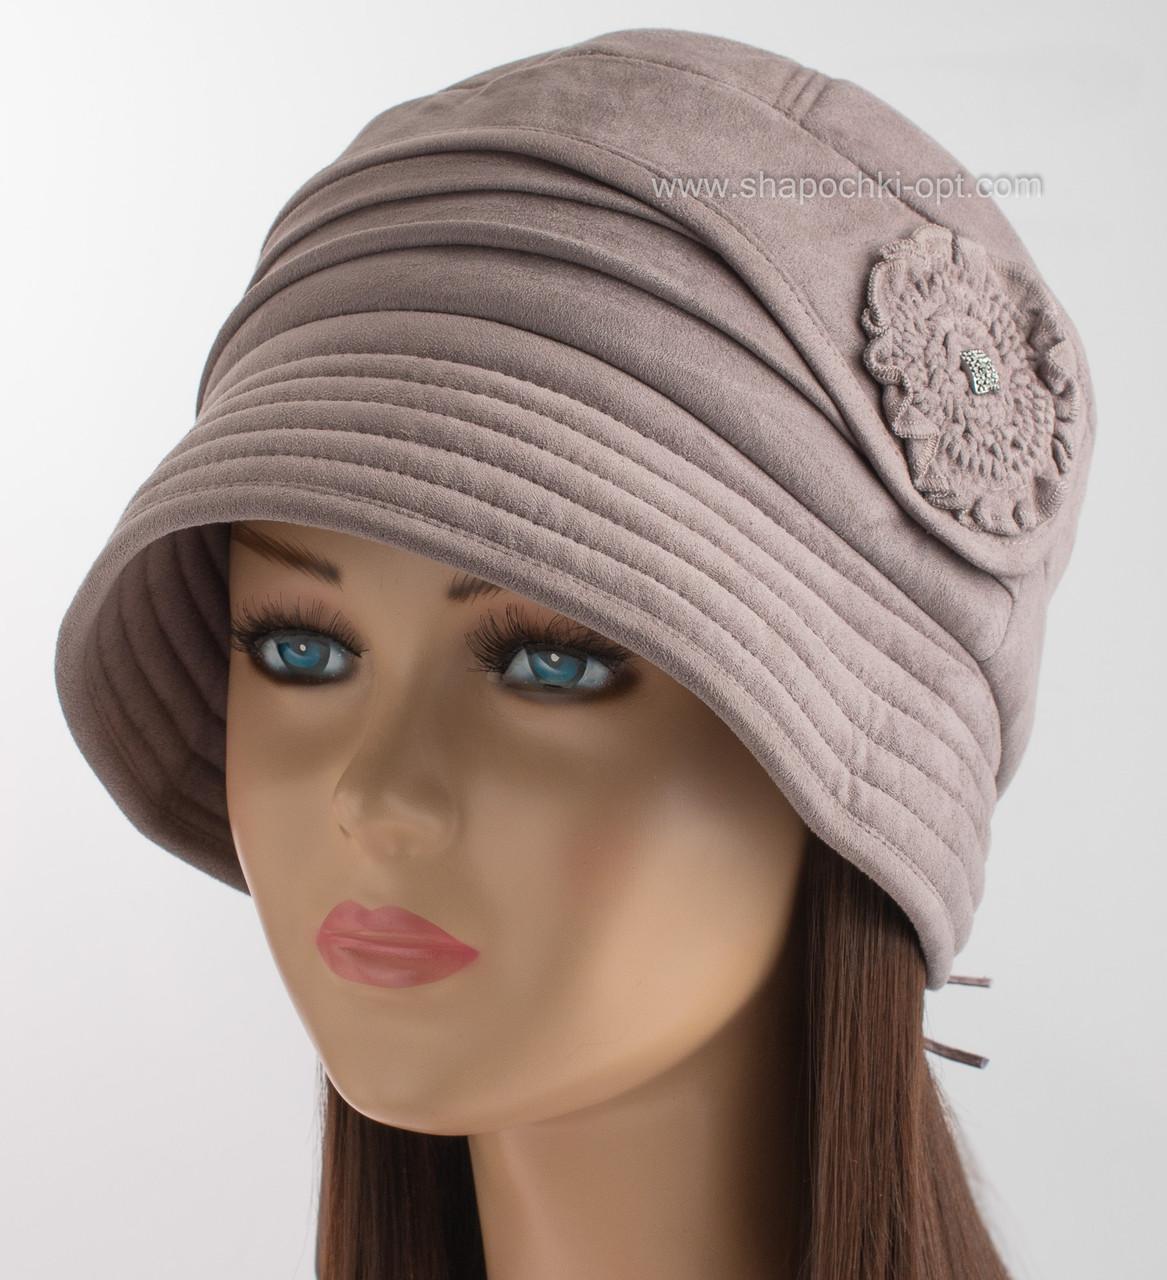 Женская утепленная шляпа клош темно-бежевого цвета